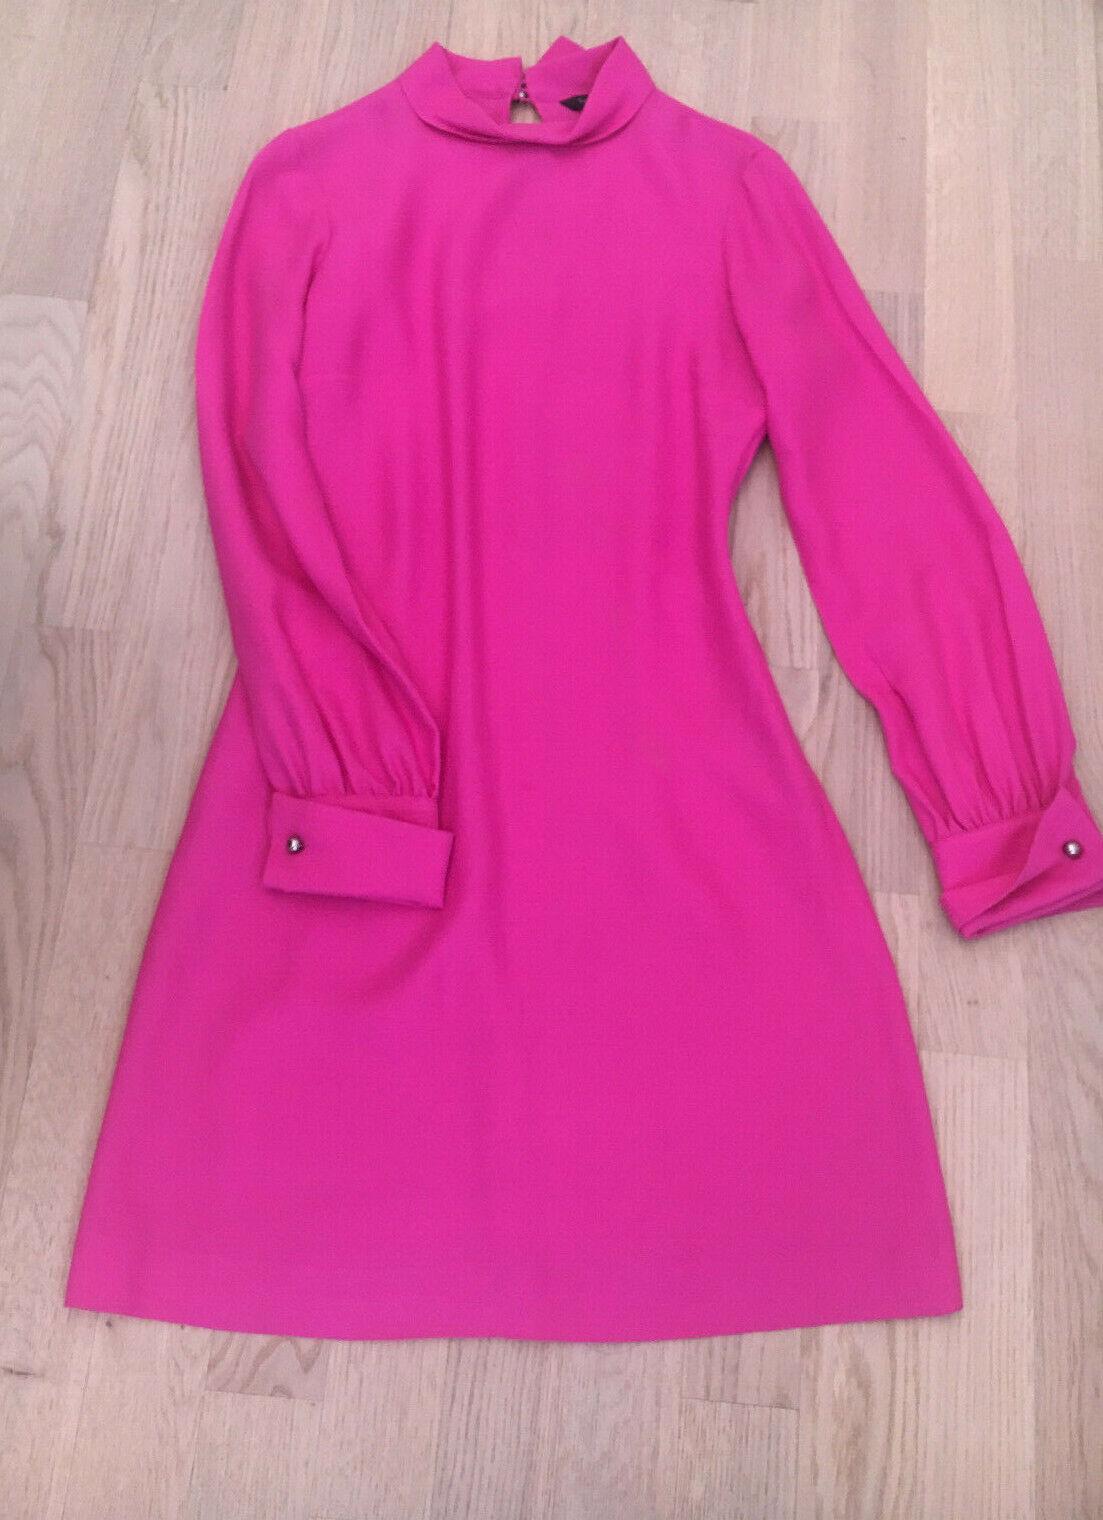 Rosaes Kleid von Tara Jarmon